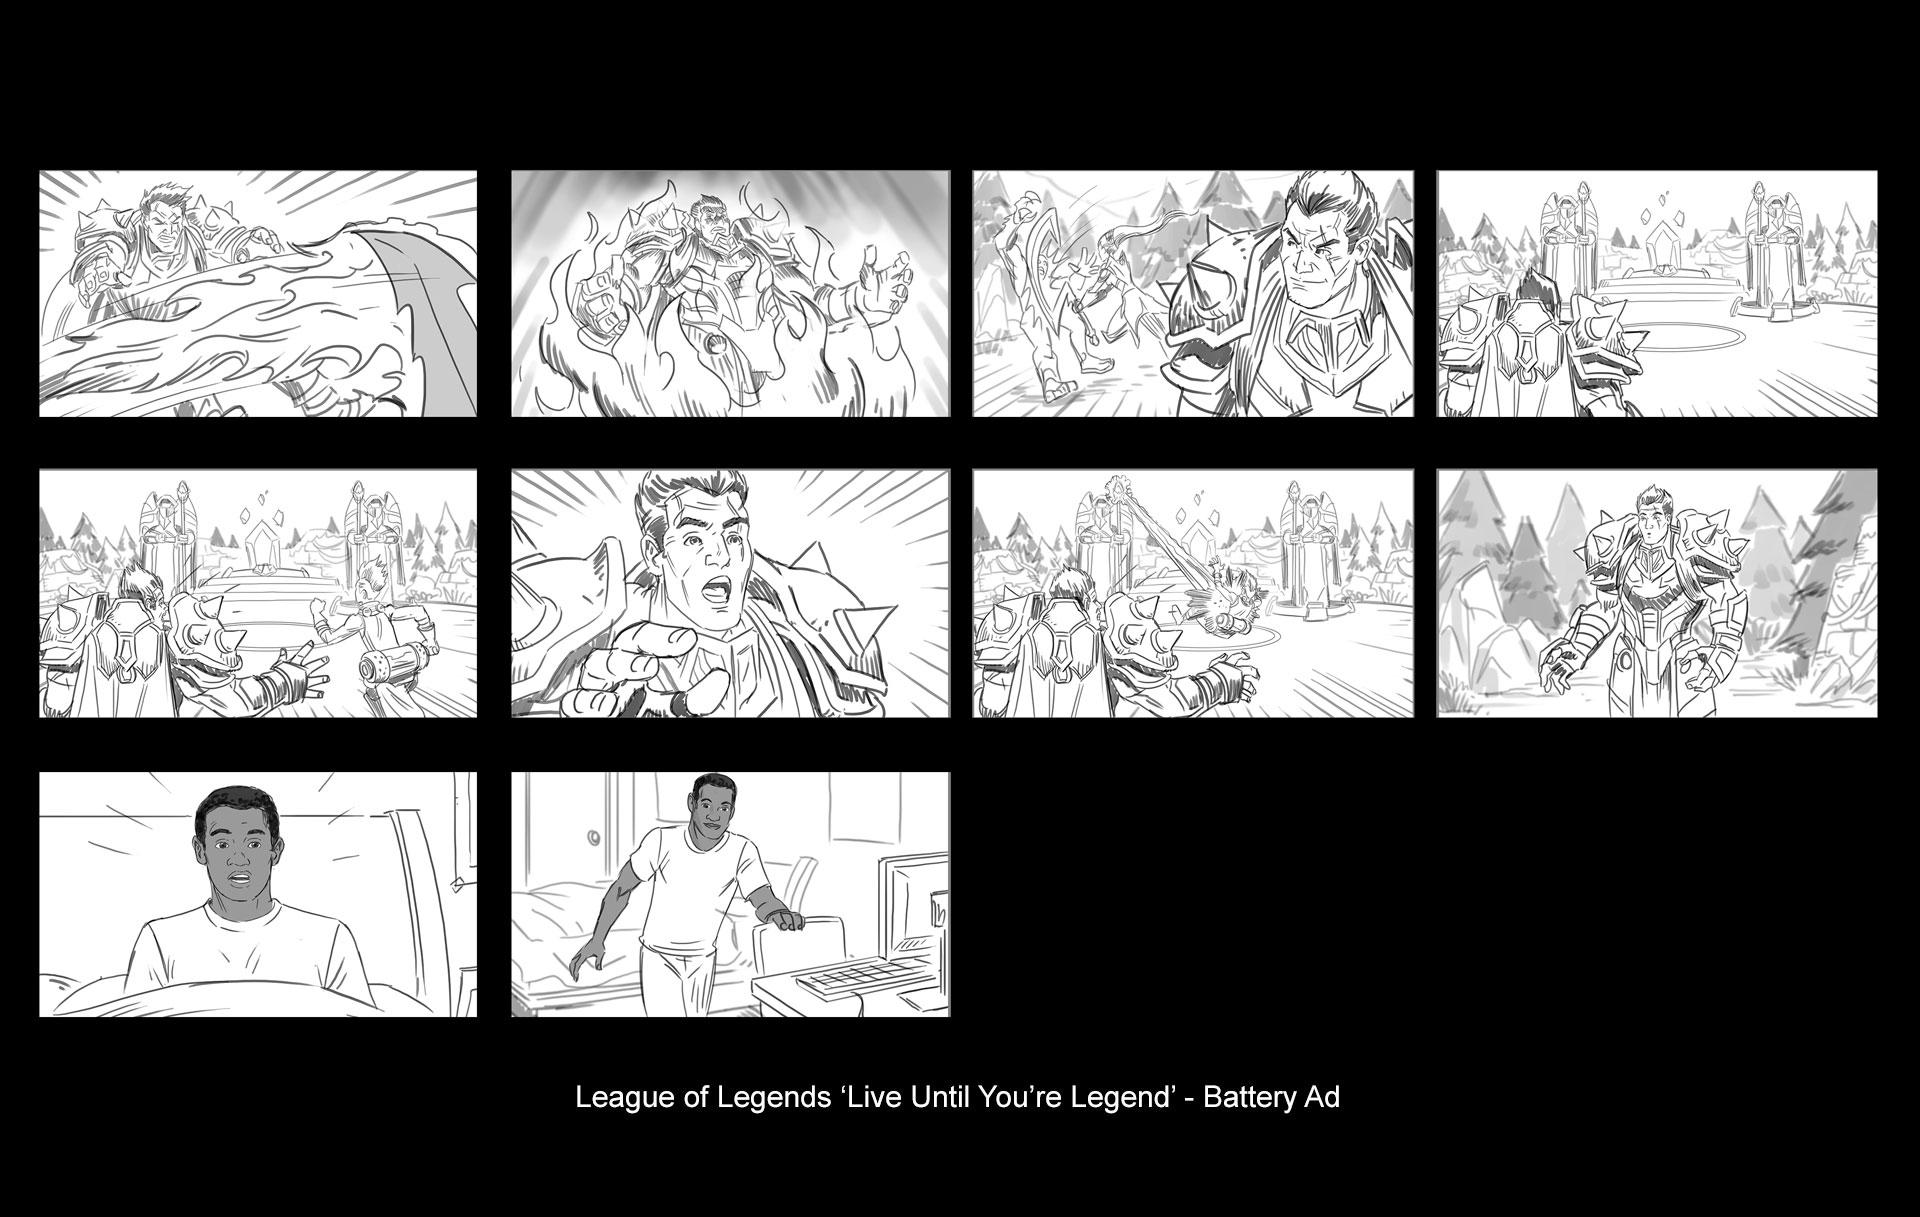 League-of-Legends-2.jpg